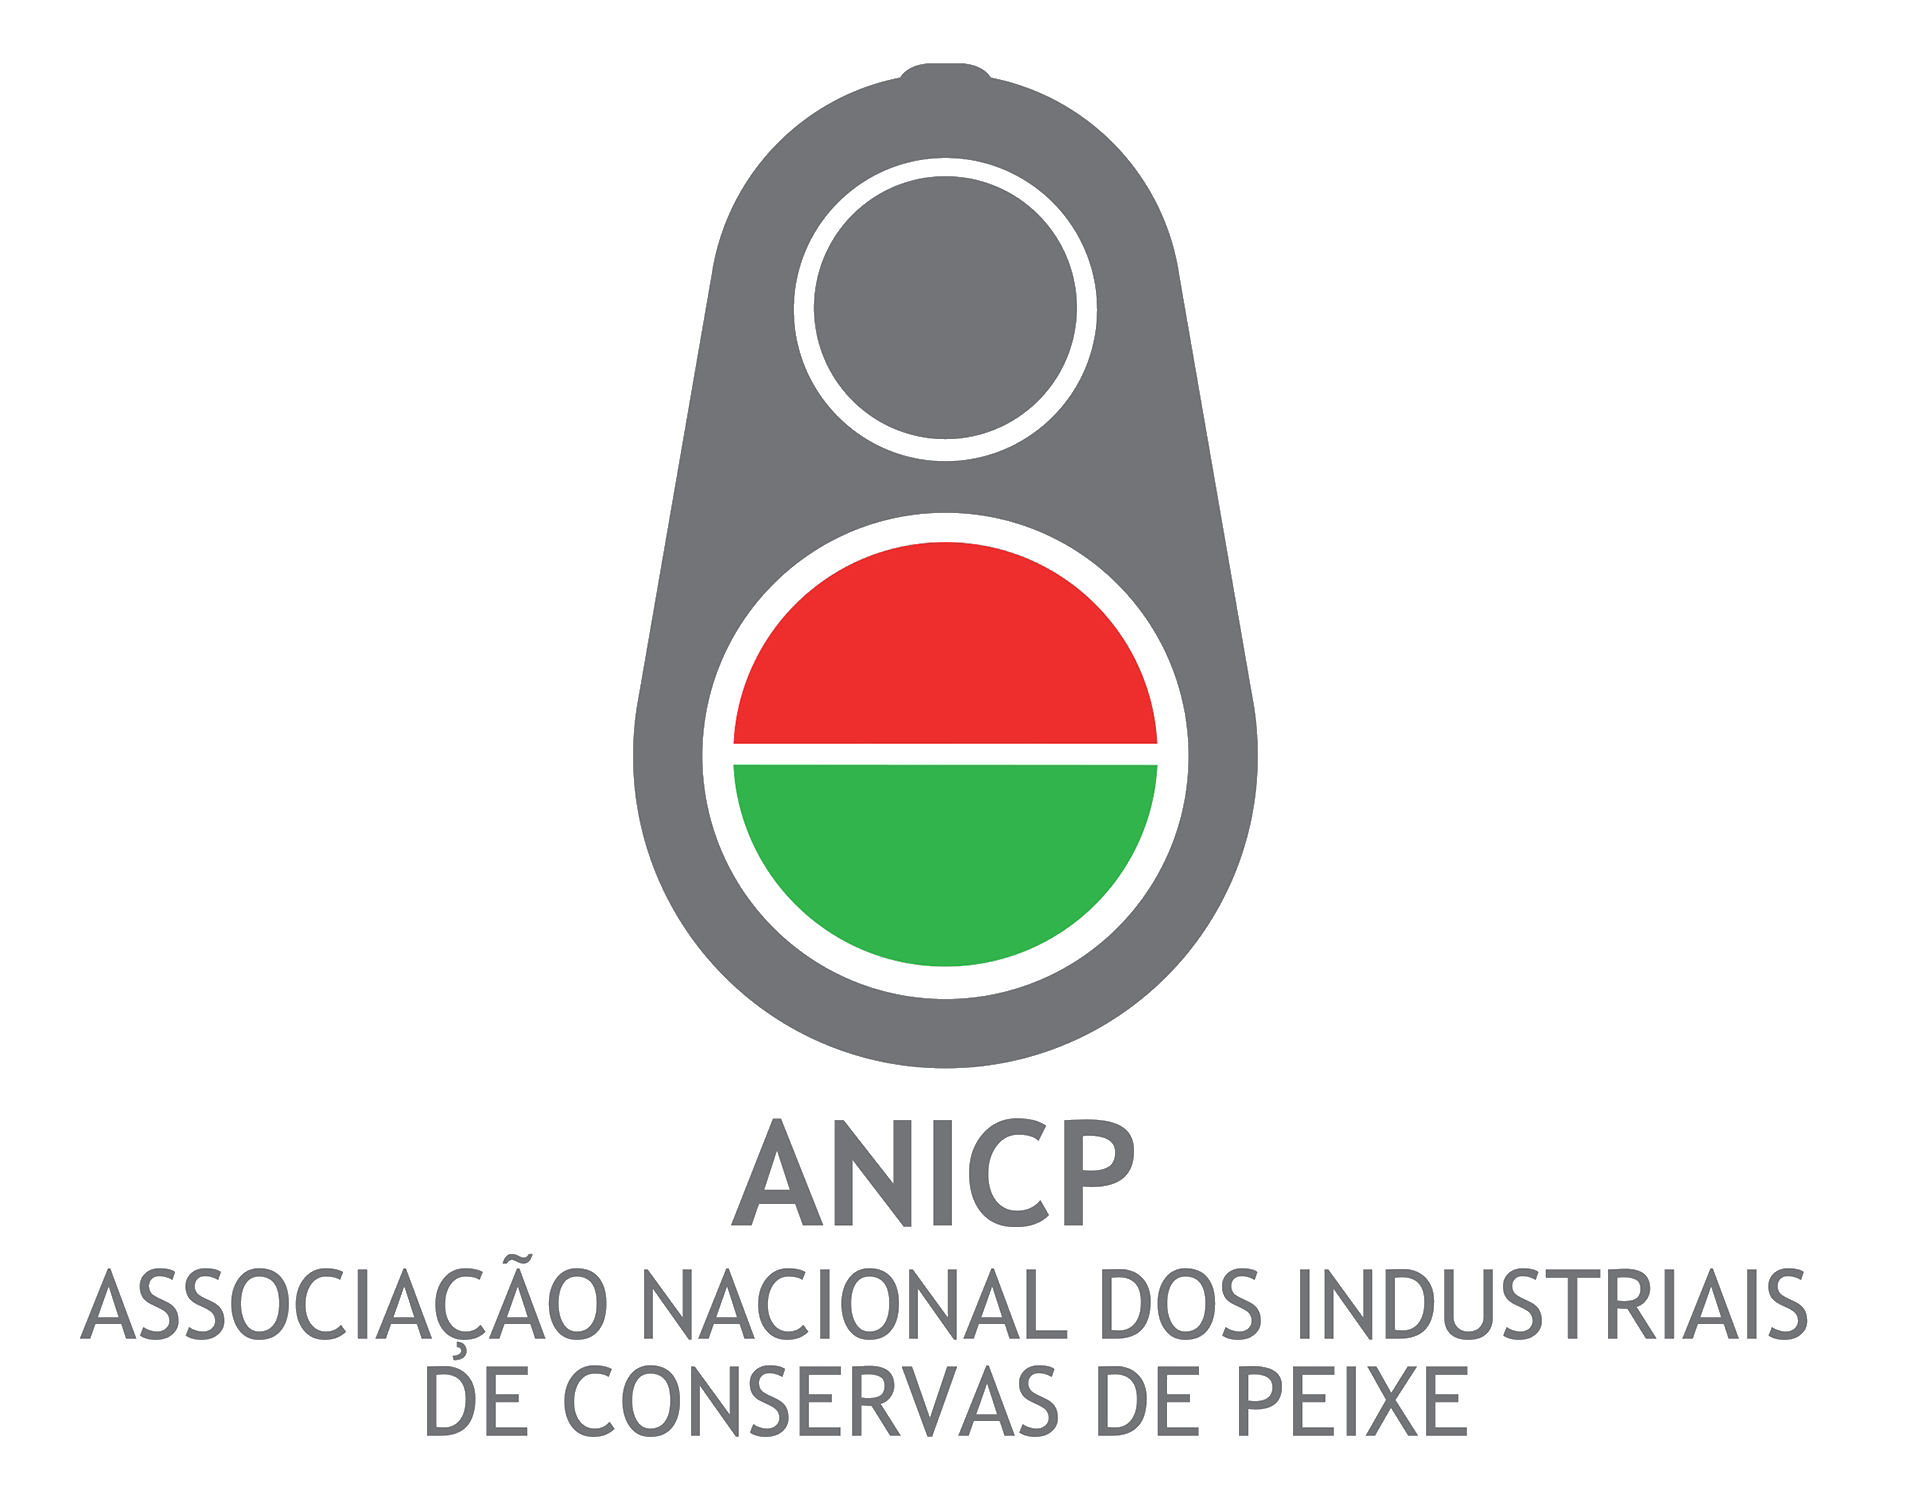 Associação Nacional dos Industriais de Conservas de Peixe